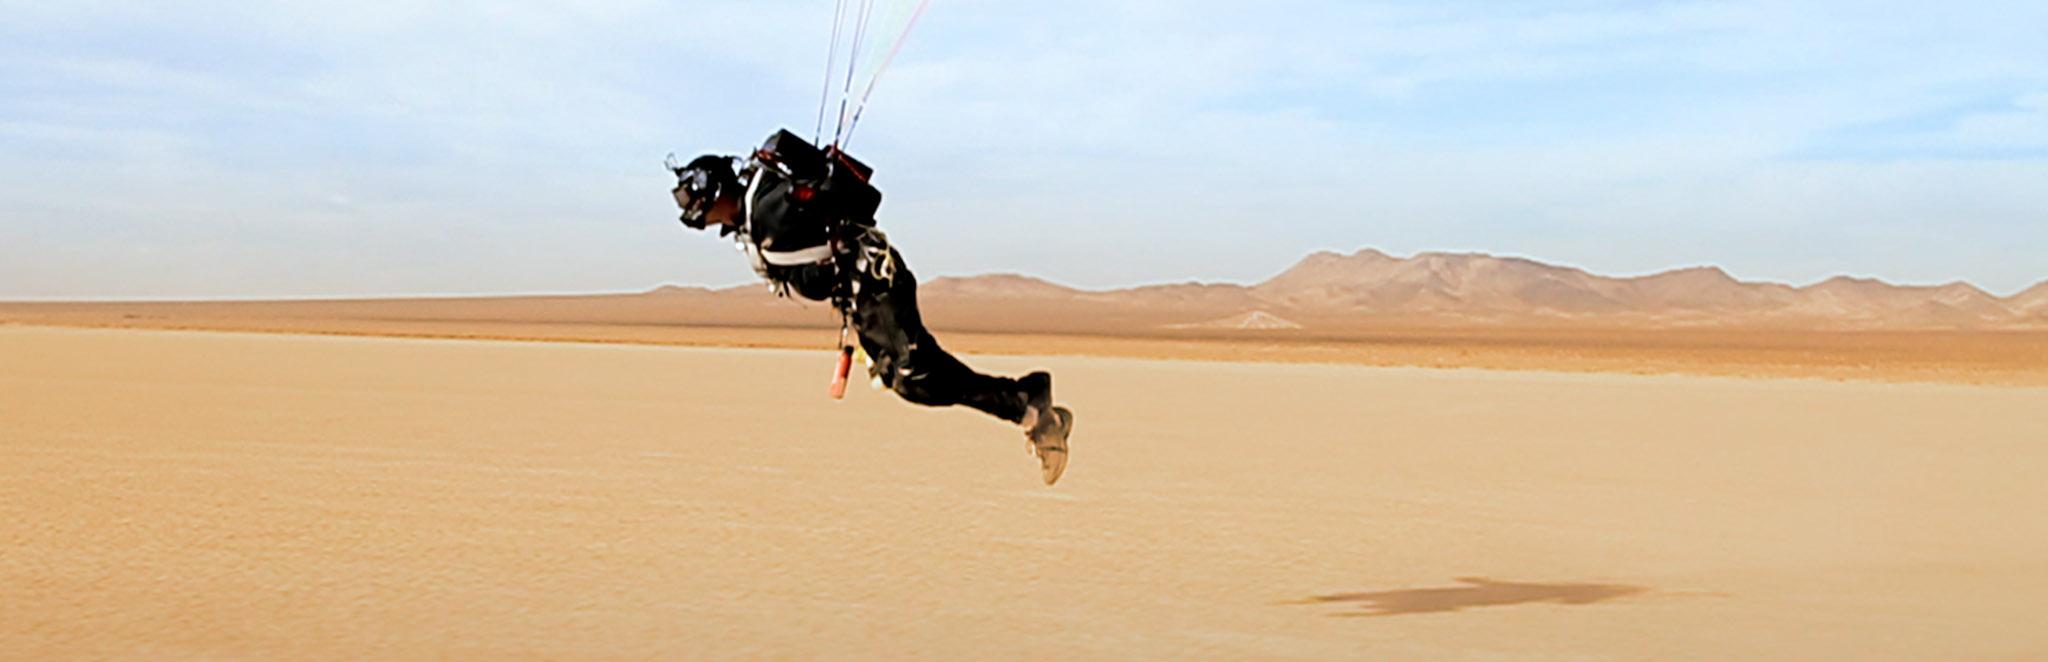 Skydiving Stunts 2